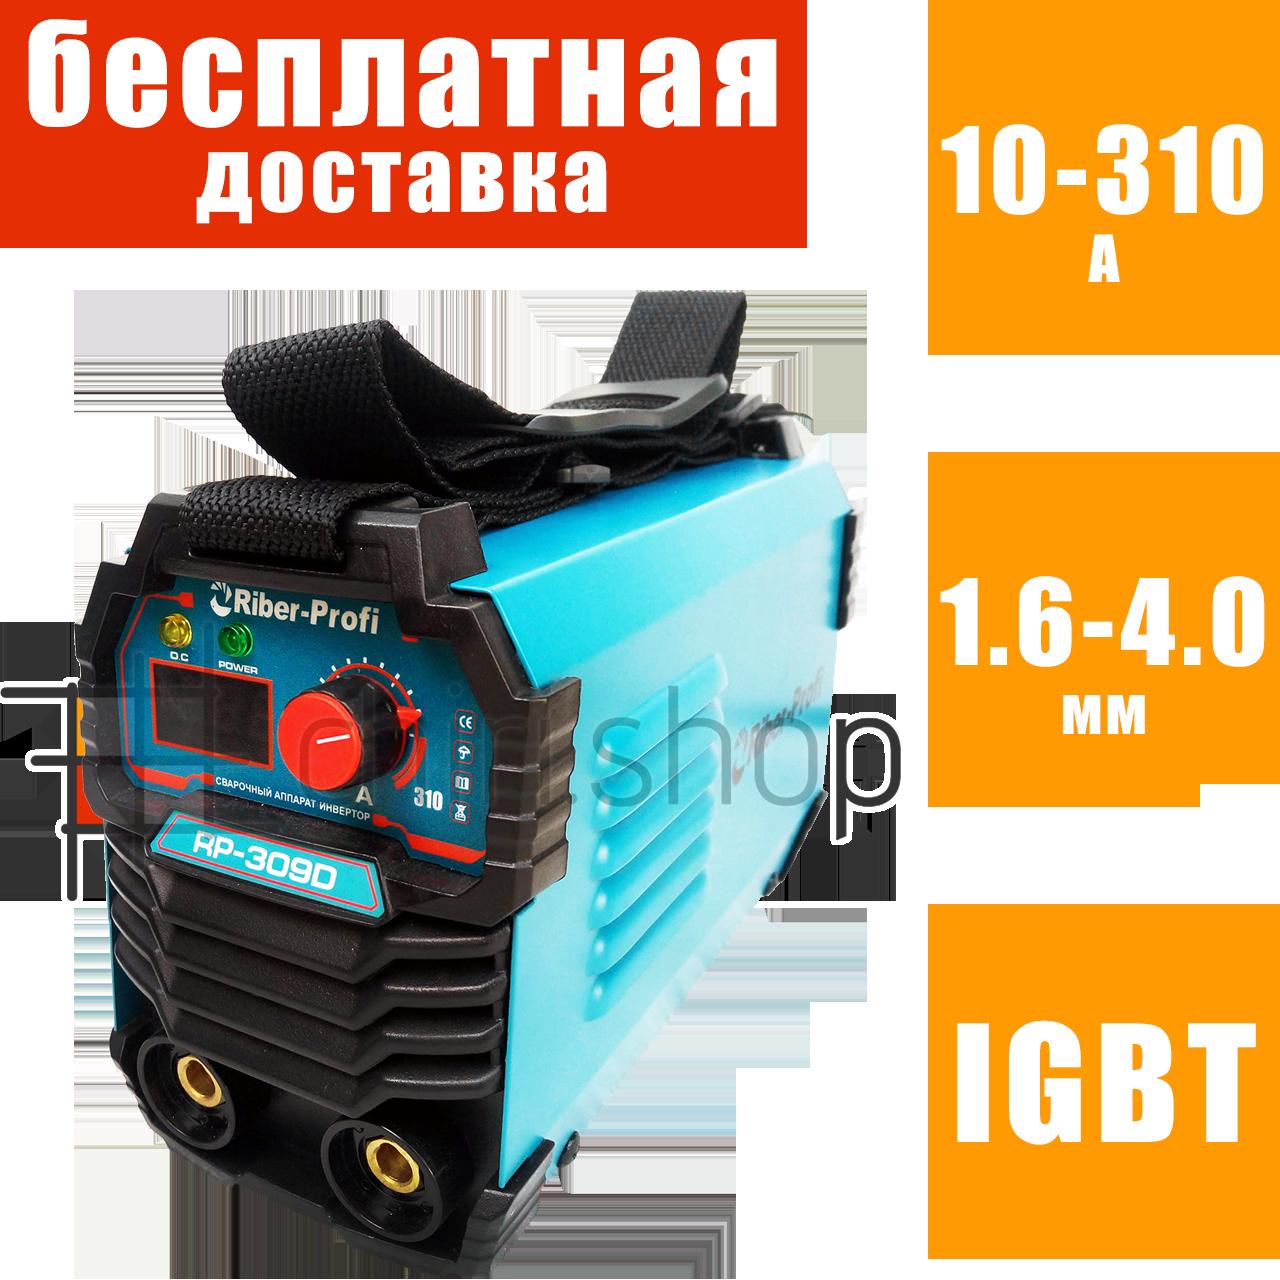 Сварочный инвертор Riber Profi RP-309D, 10-310 А, 1.6-4 мм, сварочный аппарат, инверторная сварка MMA